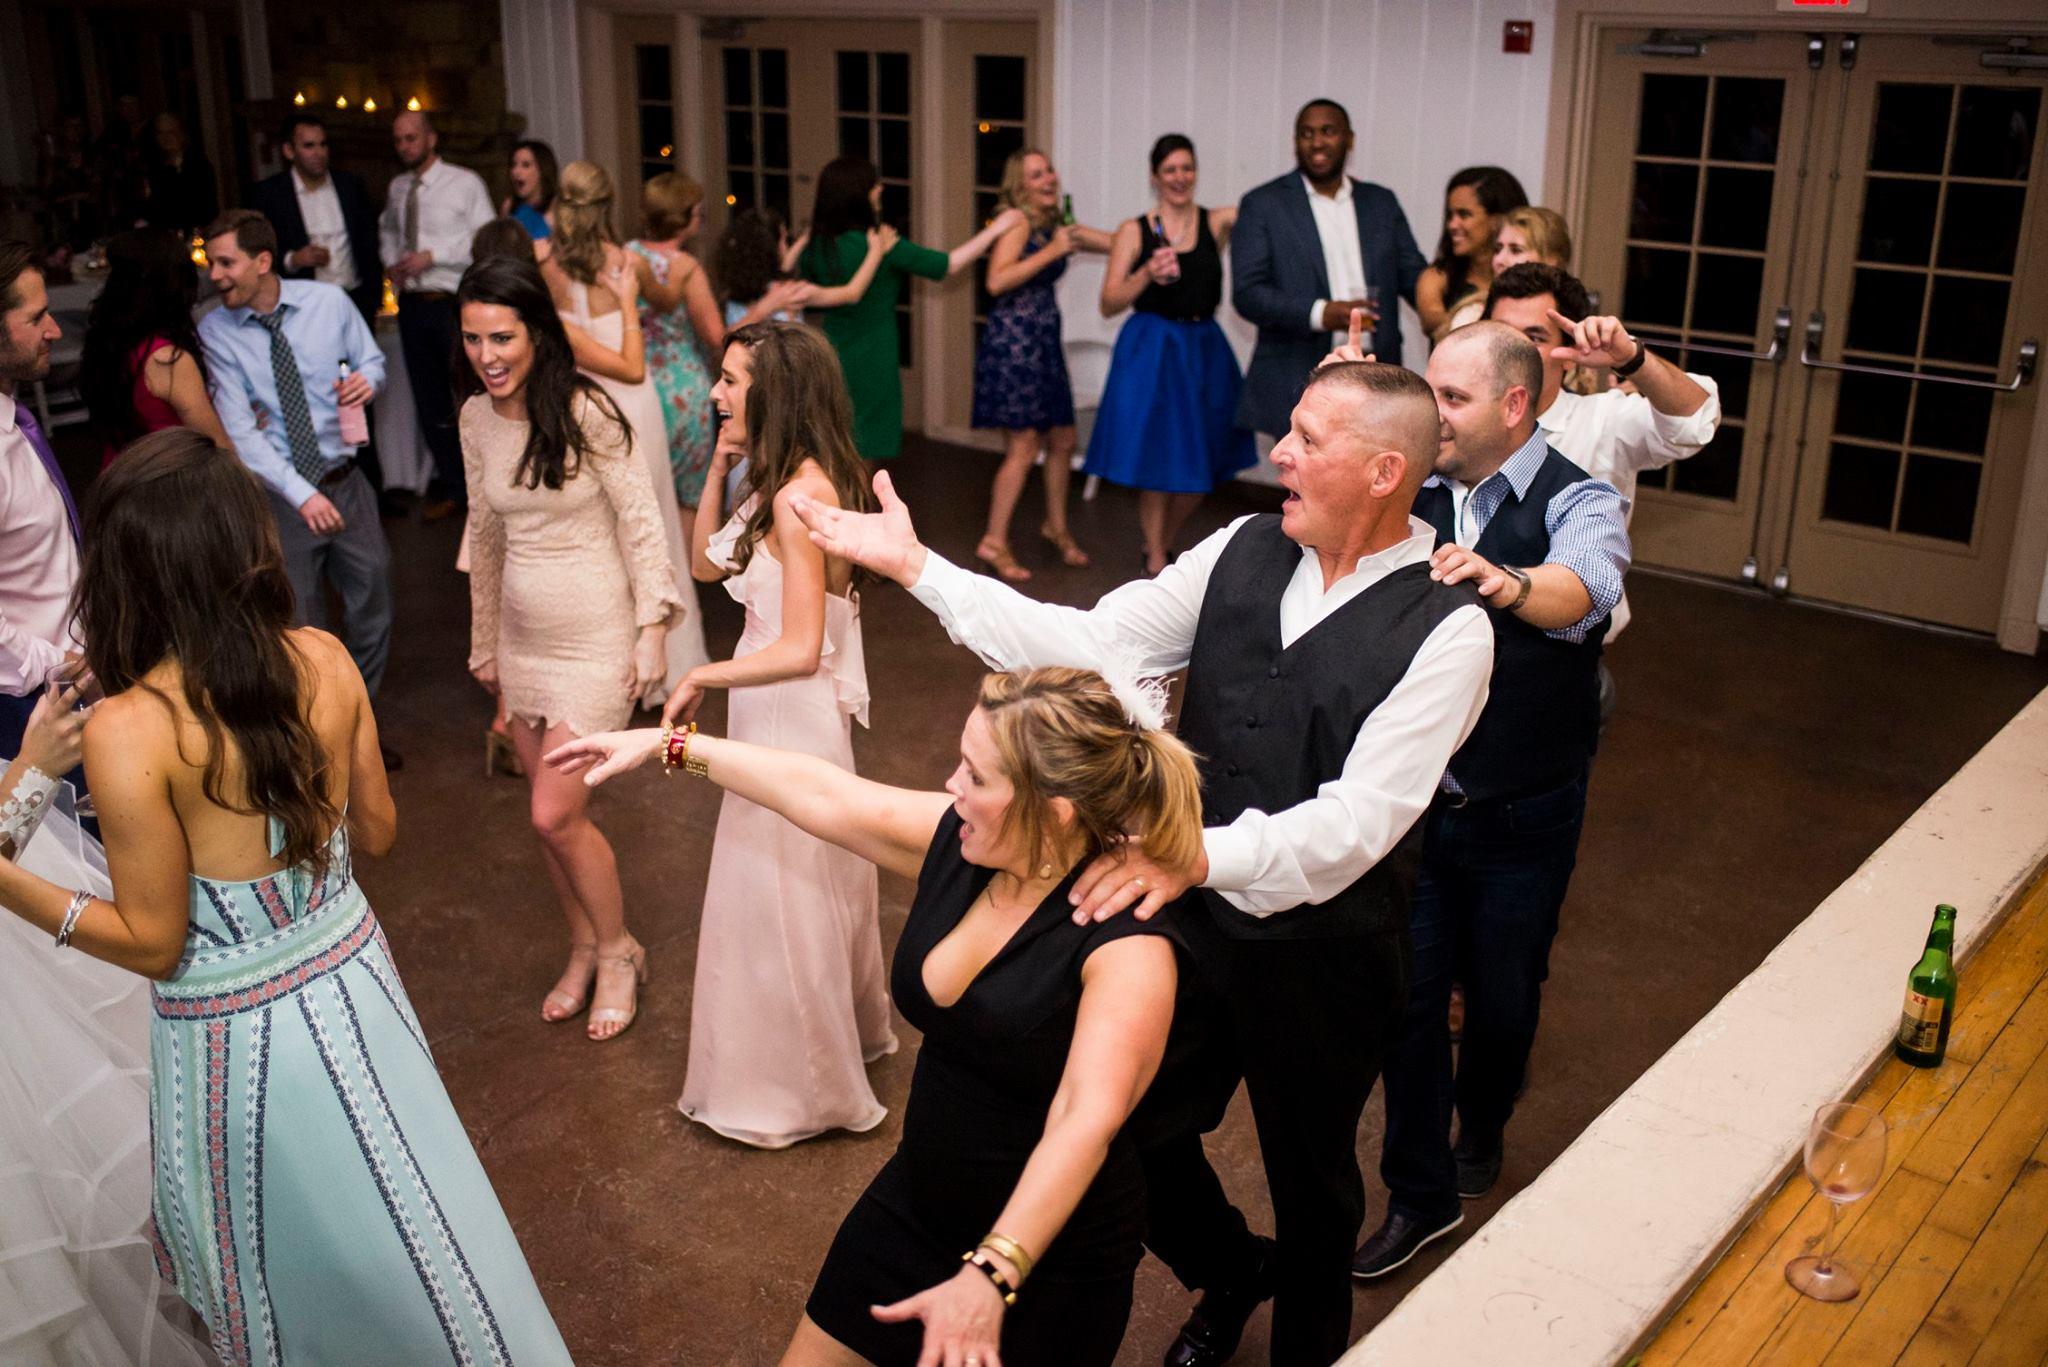 wedding-dj-dallas-best-reception-venues-in-tx-13584770_10206748962869801_1472732571967933147_o.jpg